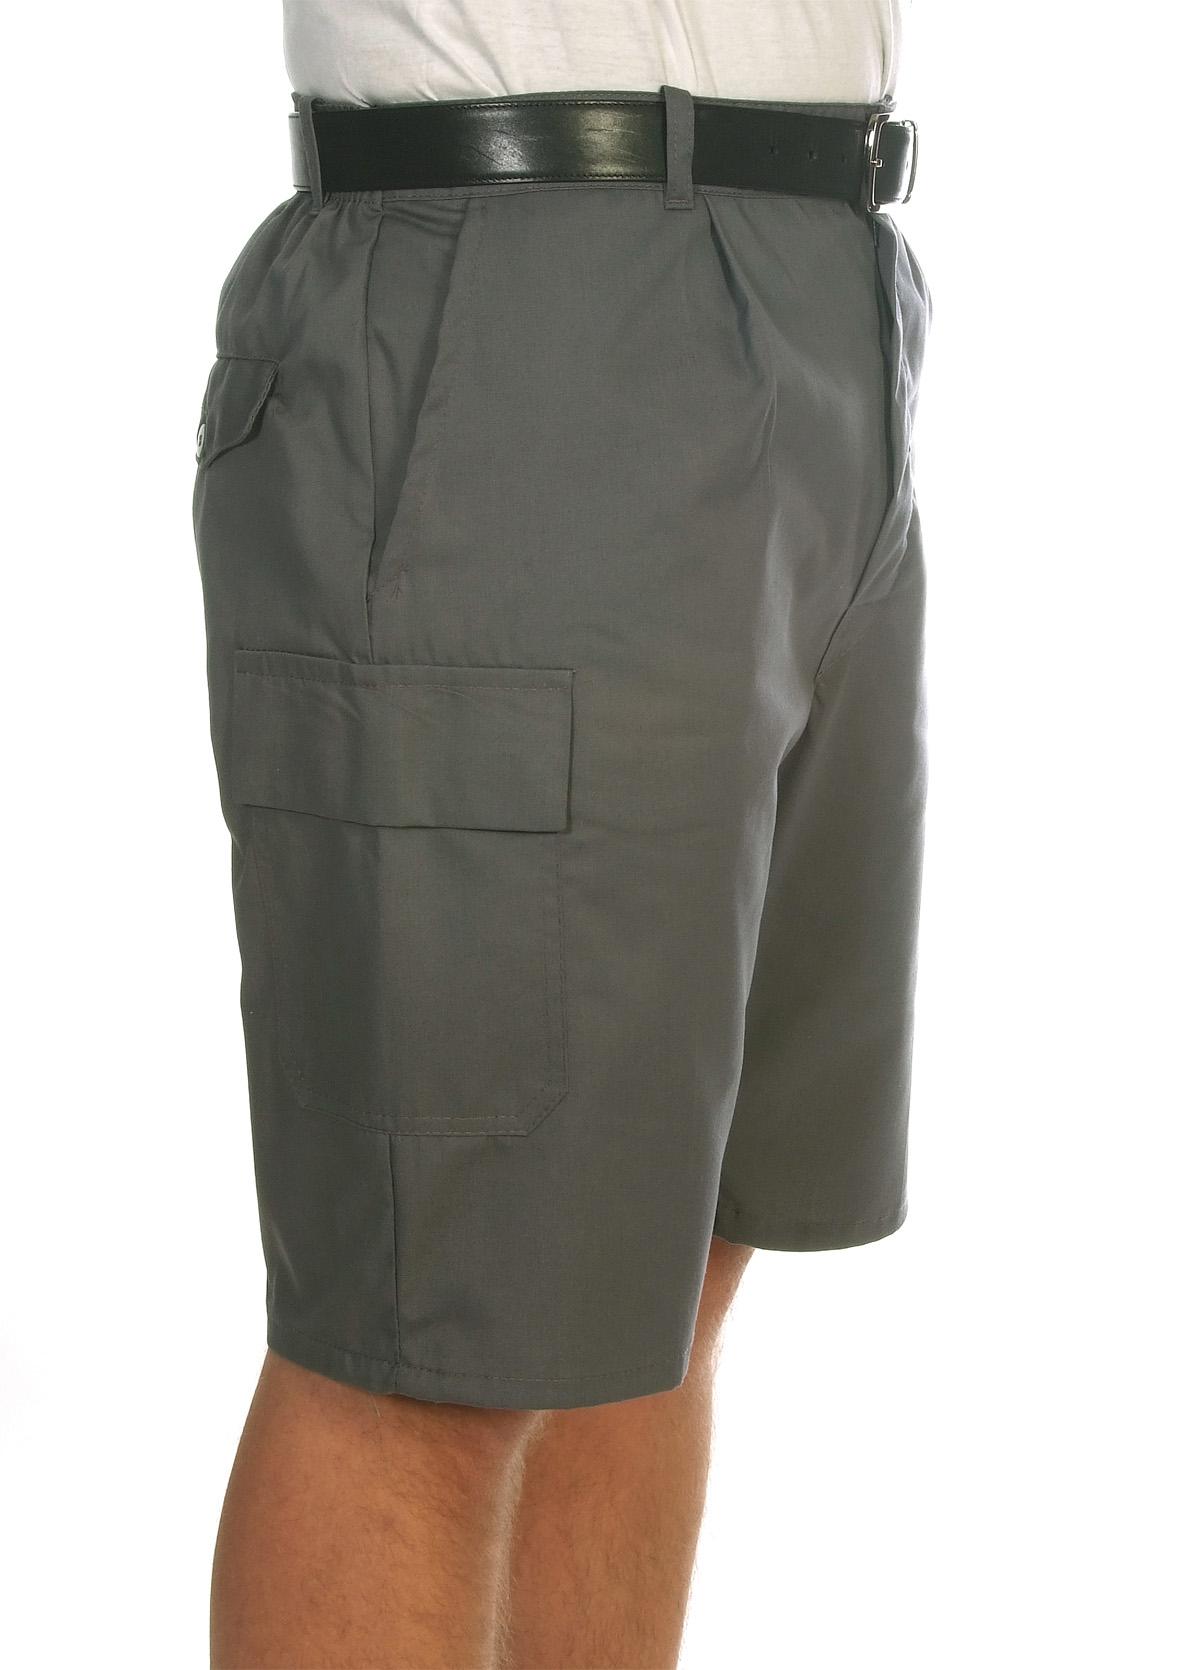 Multi pocket shorts Image